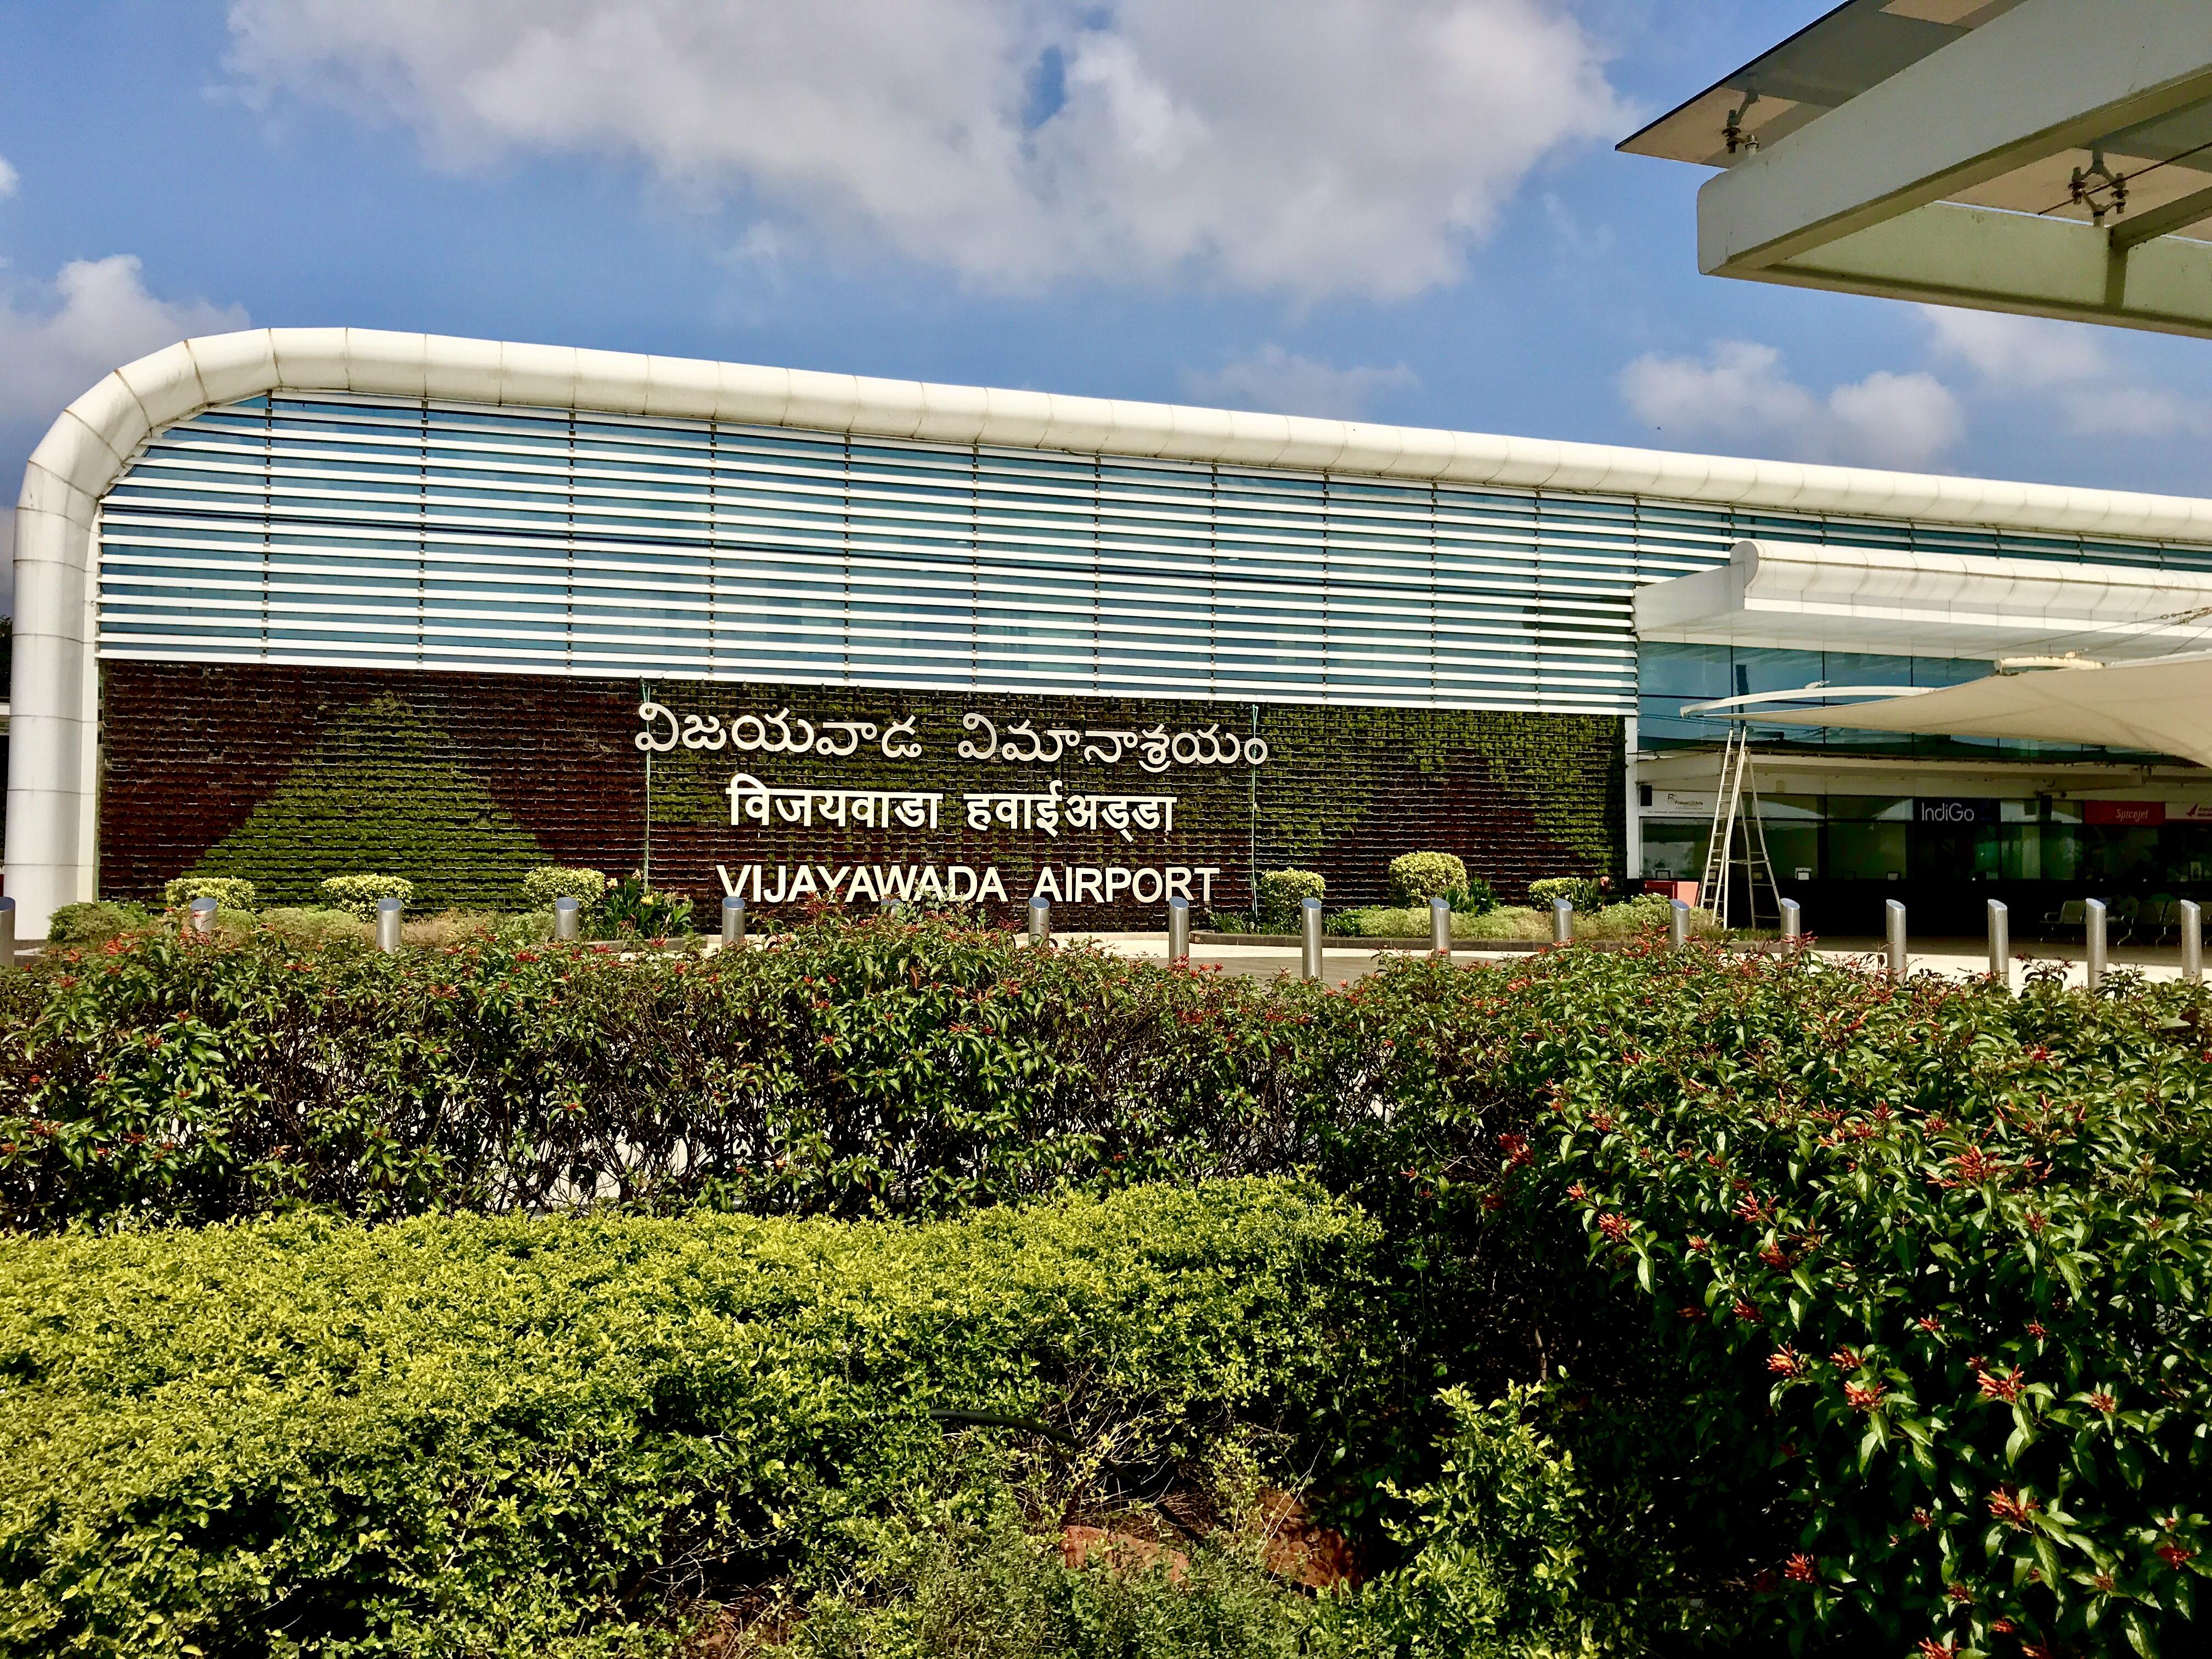 File:Vijayawada Airport 10 (November 2018).jpg - Wikimedia Commons